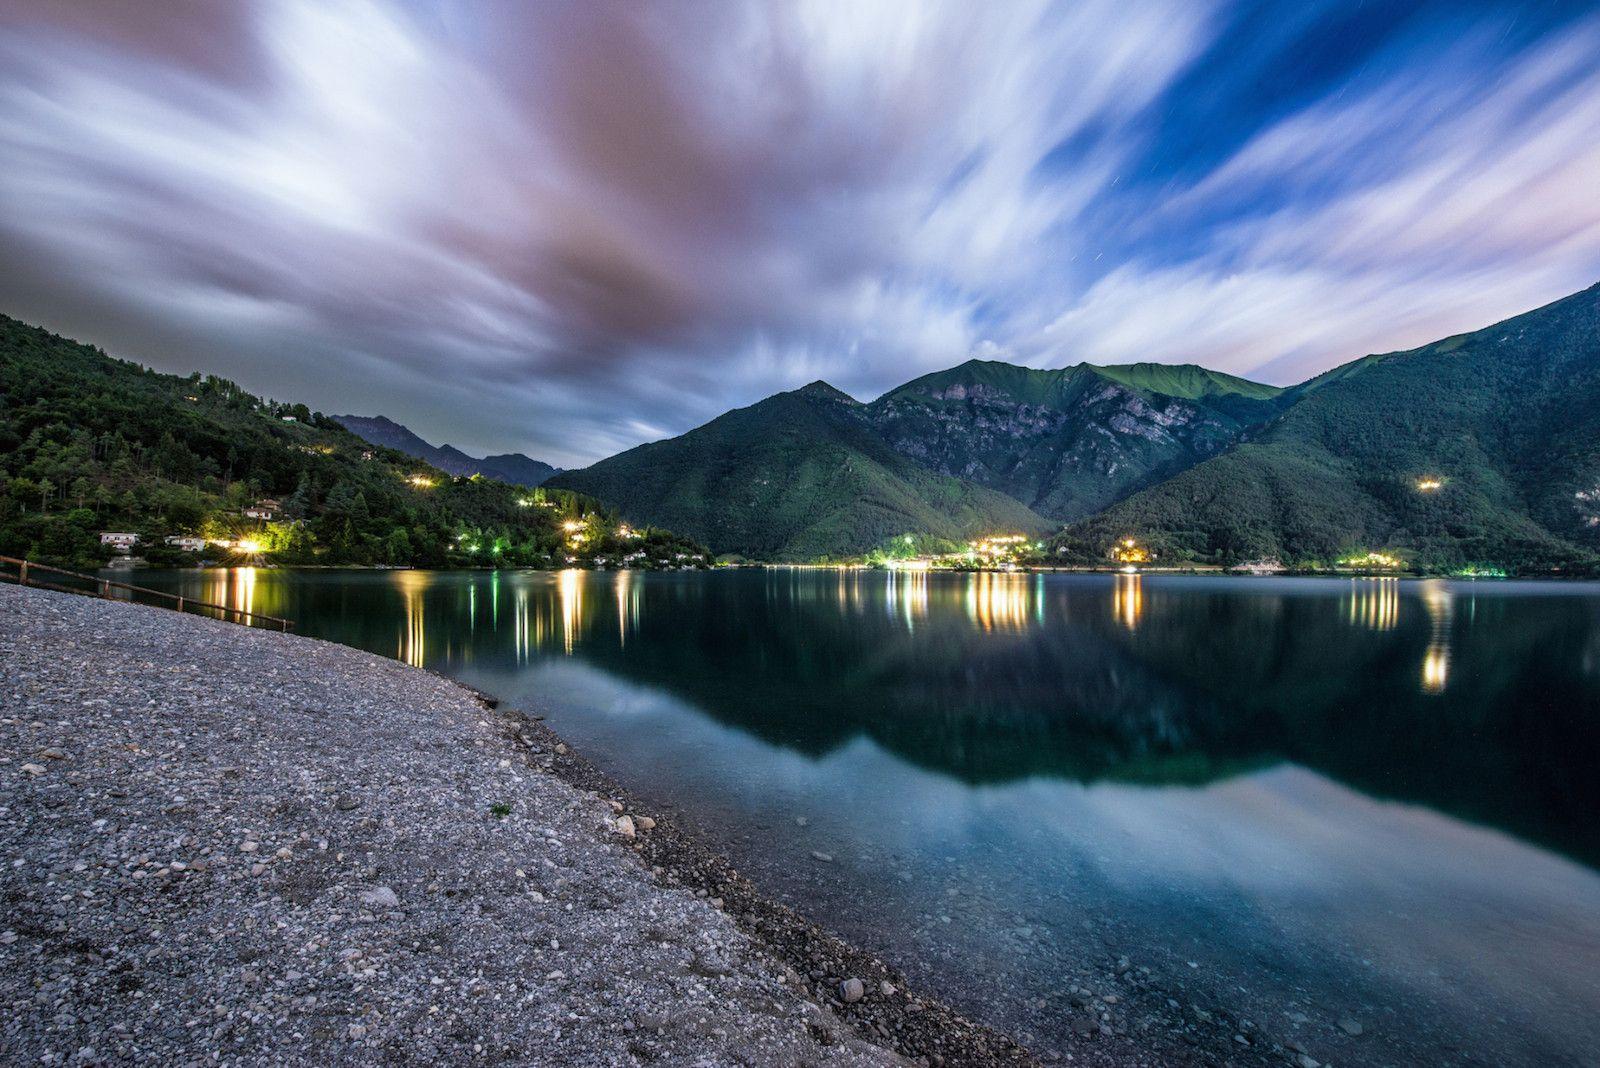 Naast het beroemde Gardameer kent Noord-Italië nog talloze andere prachtige meren. Deze fotograaf neemt ons mee naar zijn favoriete plekken!